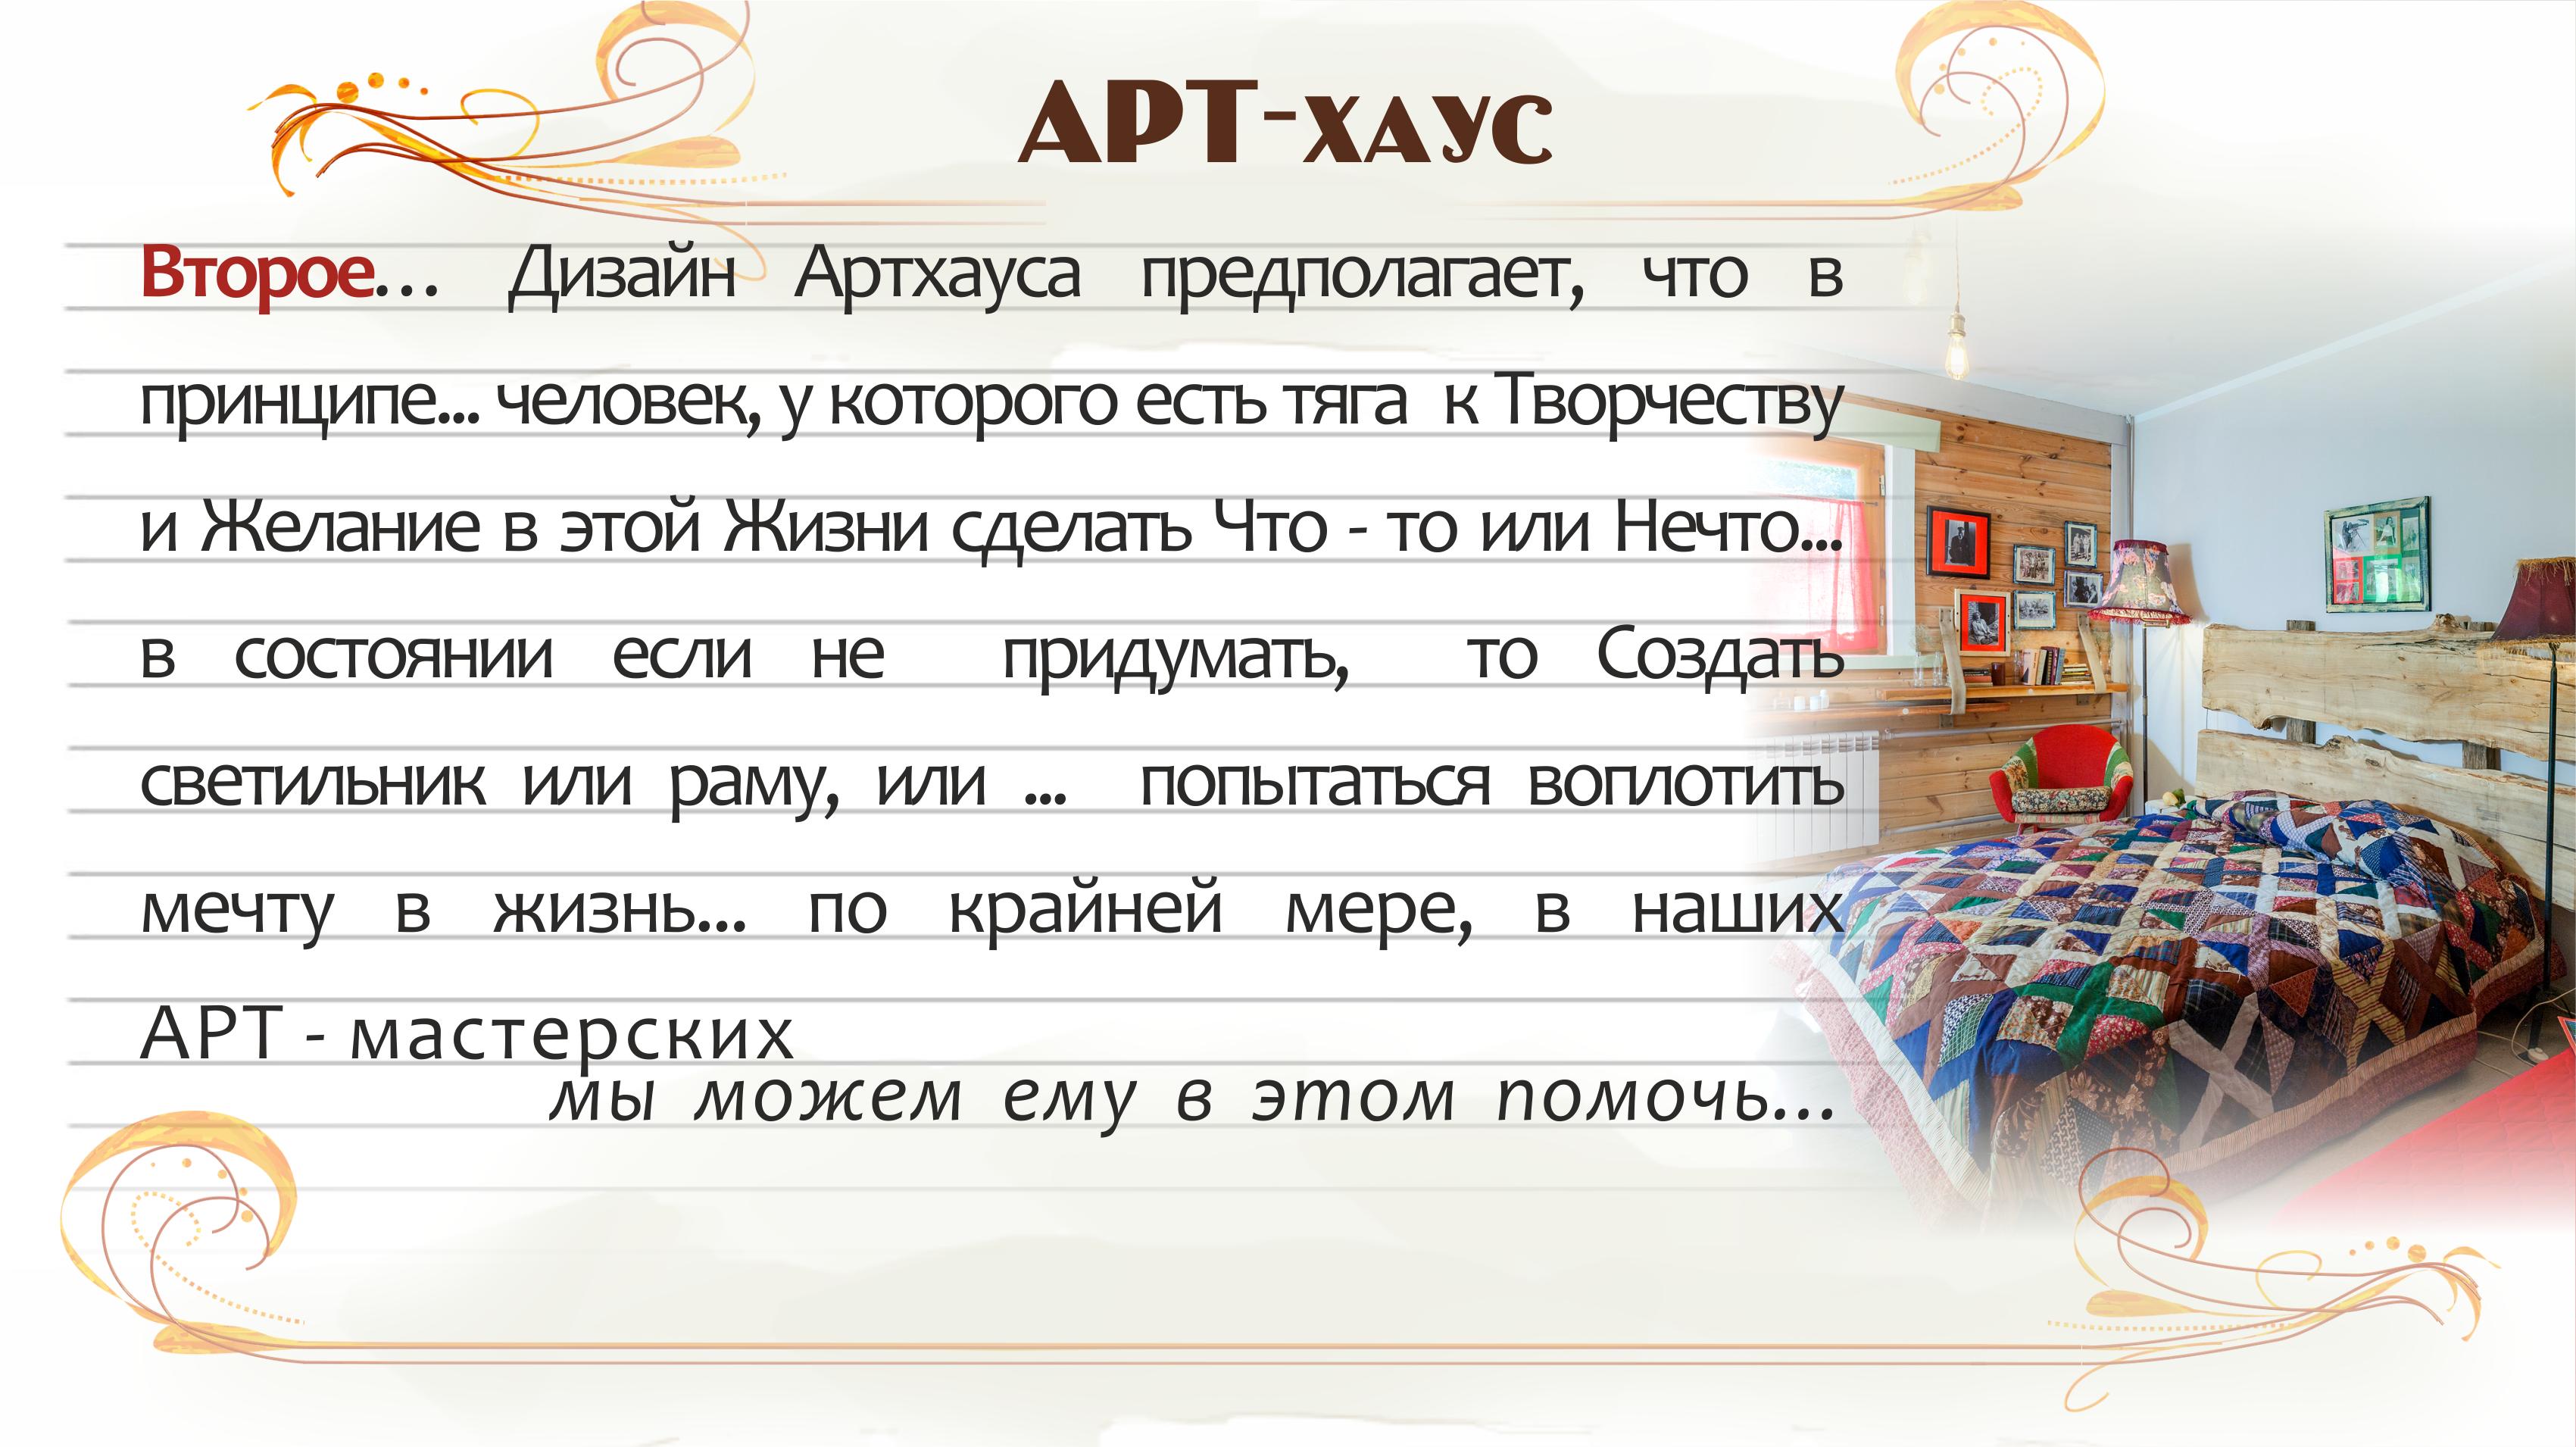 арт хаус текст 3